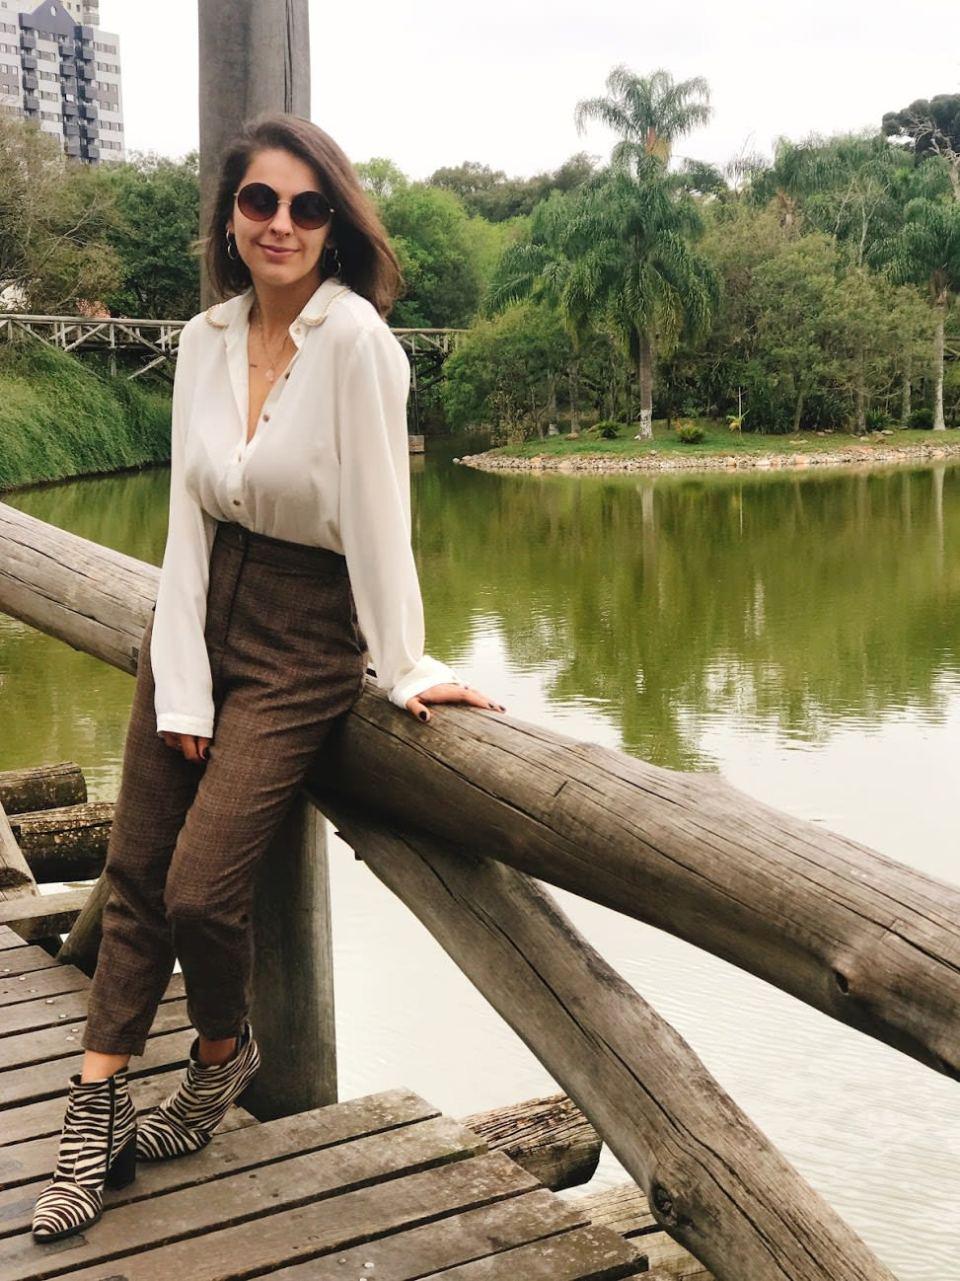 Marcie posa em frente a um lago e árvores. O look é composto por camisa branca com botões dourados e gola de corrente, calça de alfaiataria marrom xadrez e bota animal print de zebra.